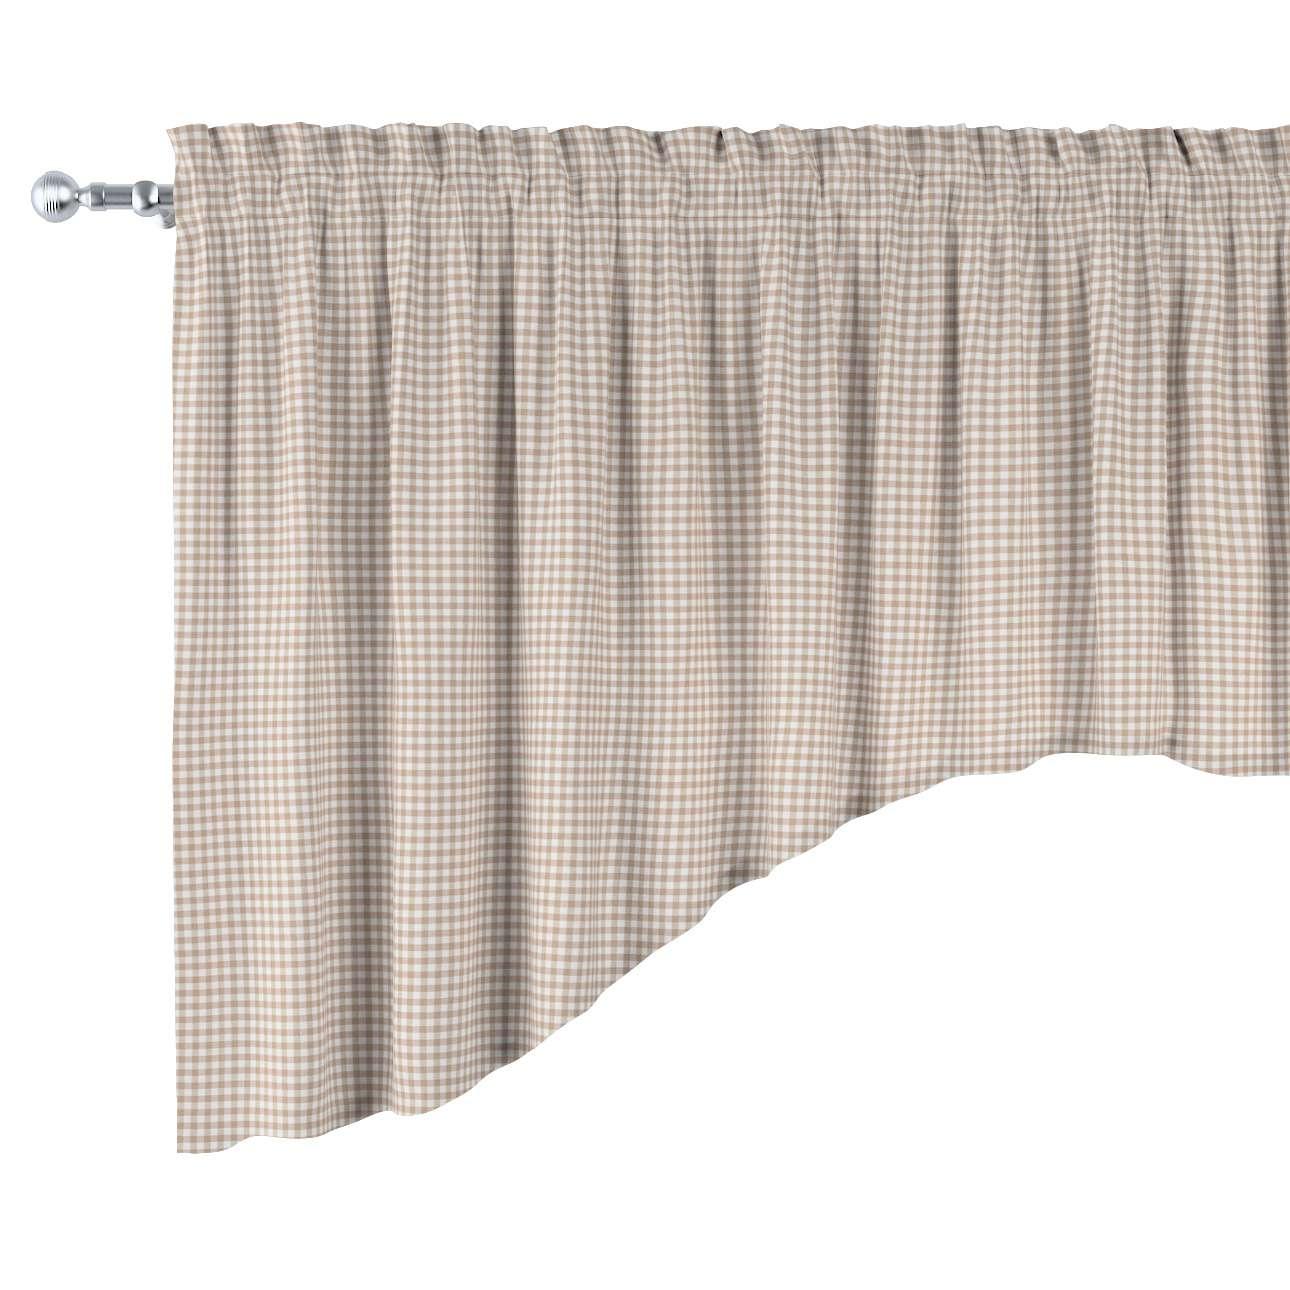 Lambrekin łuk w kolekcji Quadro, tkanina: 136-05